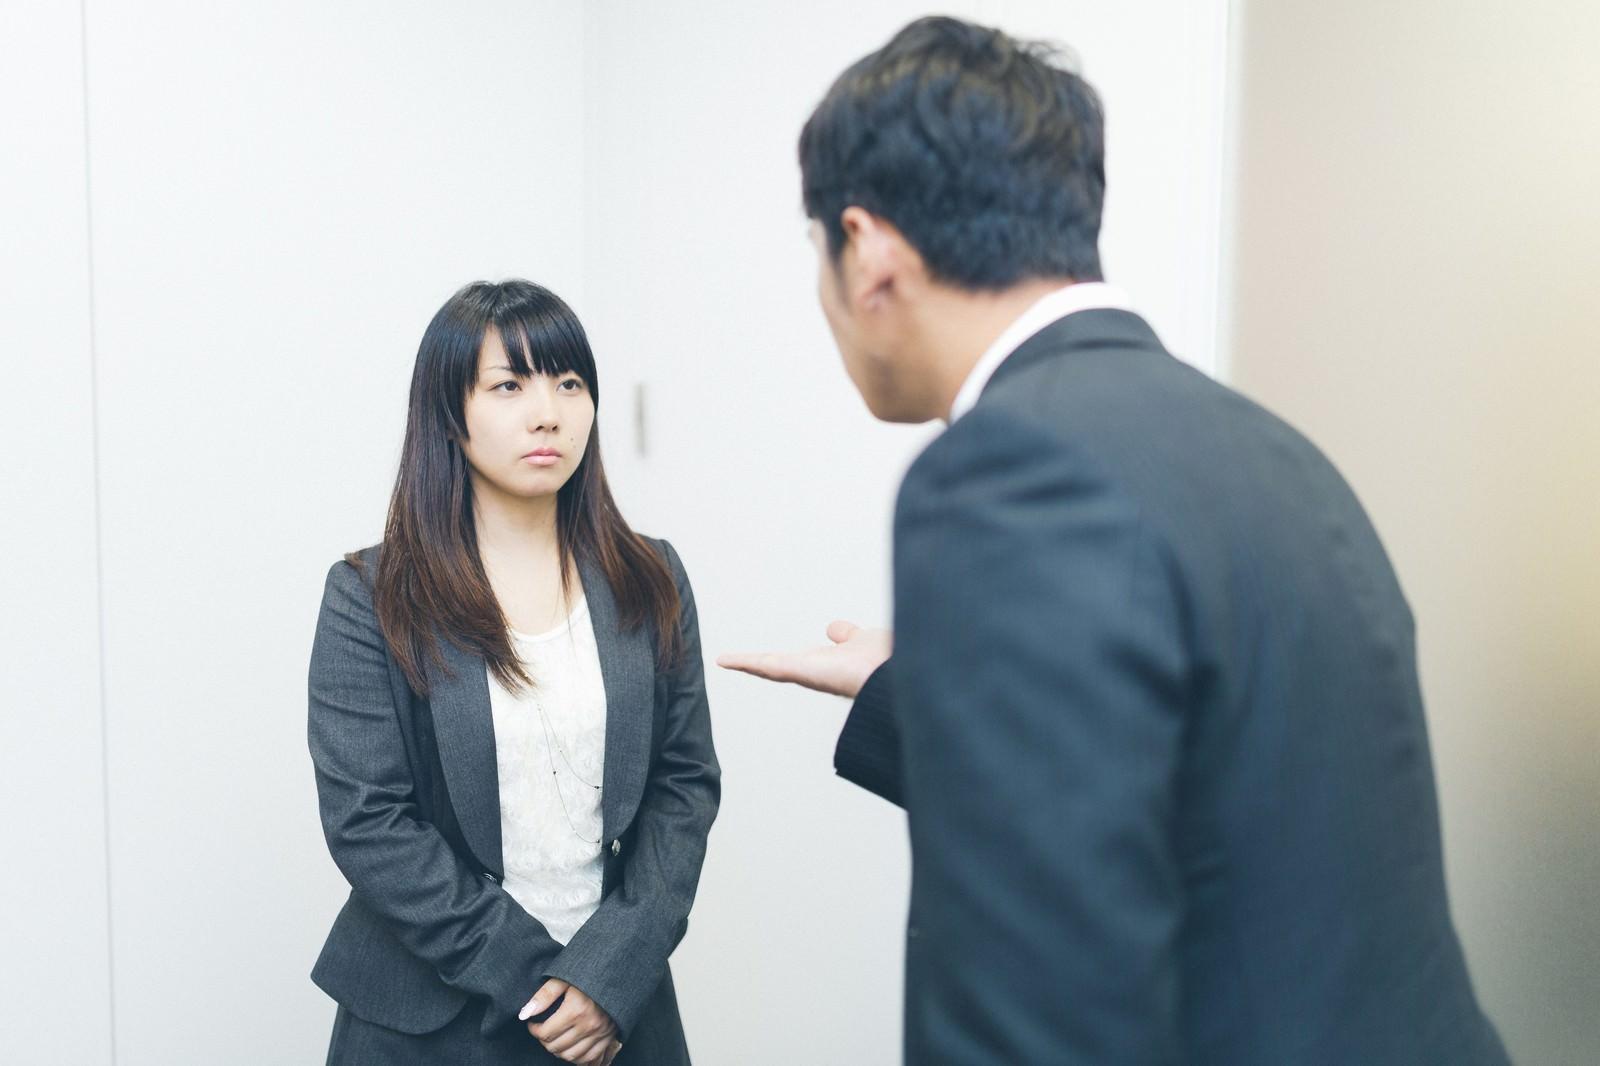 「「お金を貸してください」と言われ冷たい目をする女性社員」の写真[モデル:大川竜弥 Lala]